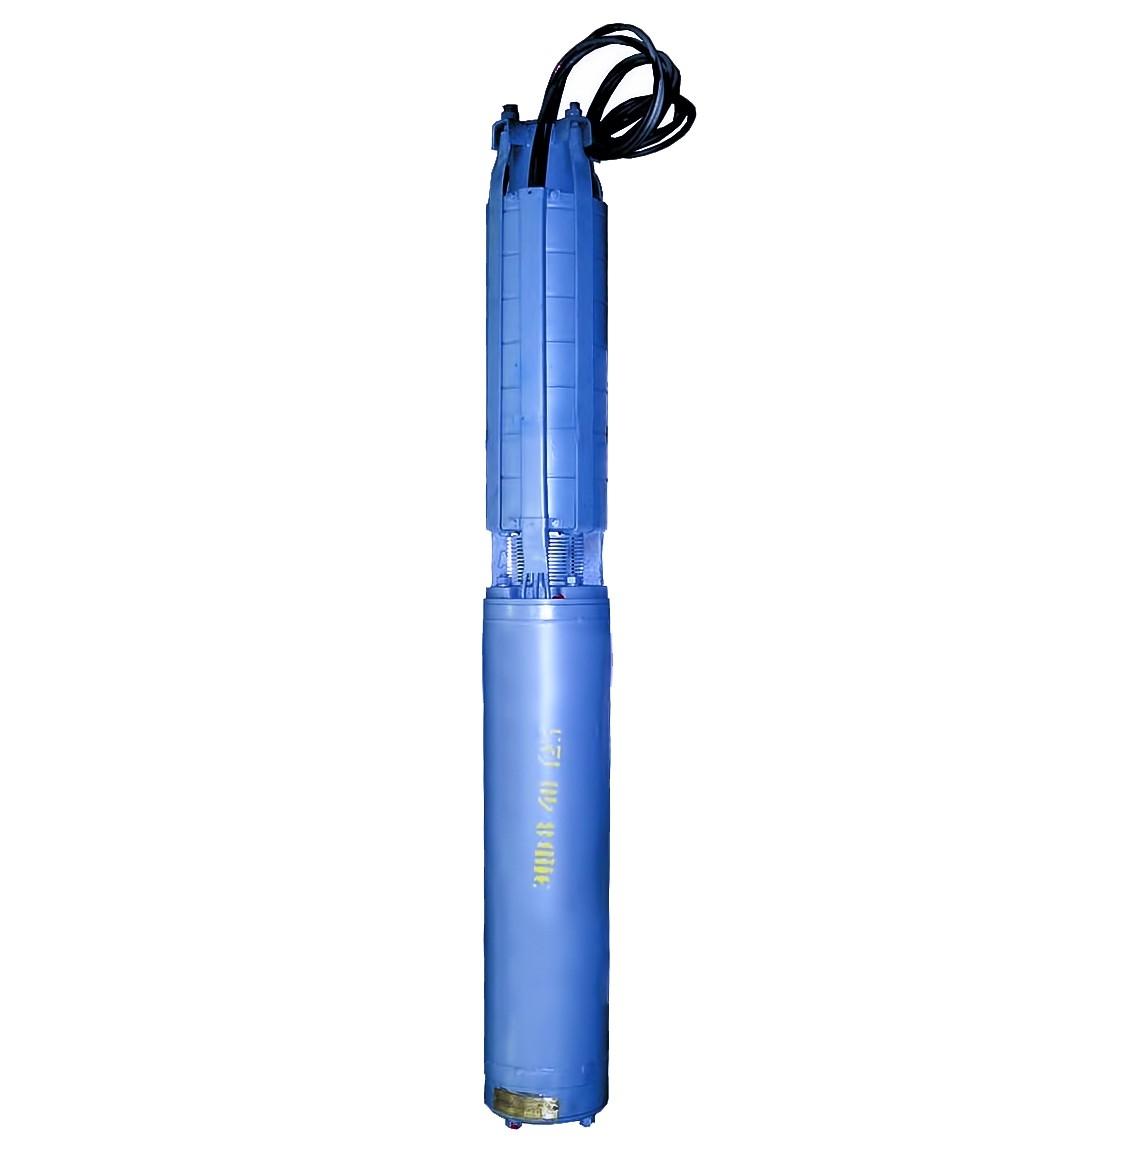 Погружной насос ЭЦВ 5-6,5-95 армлен